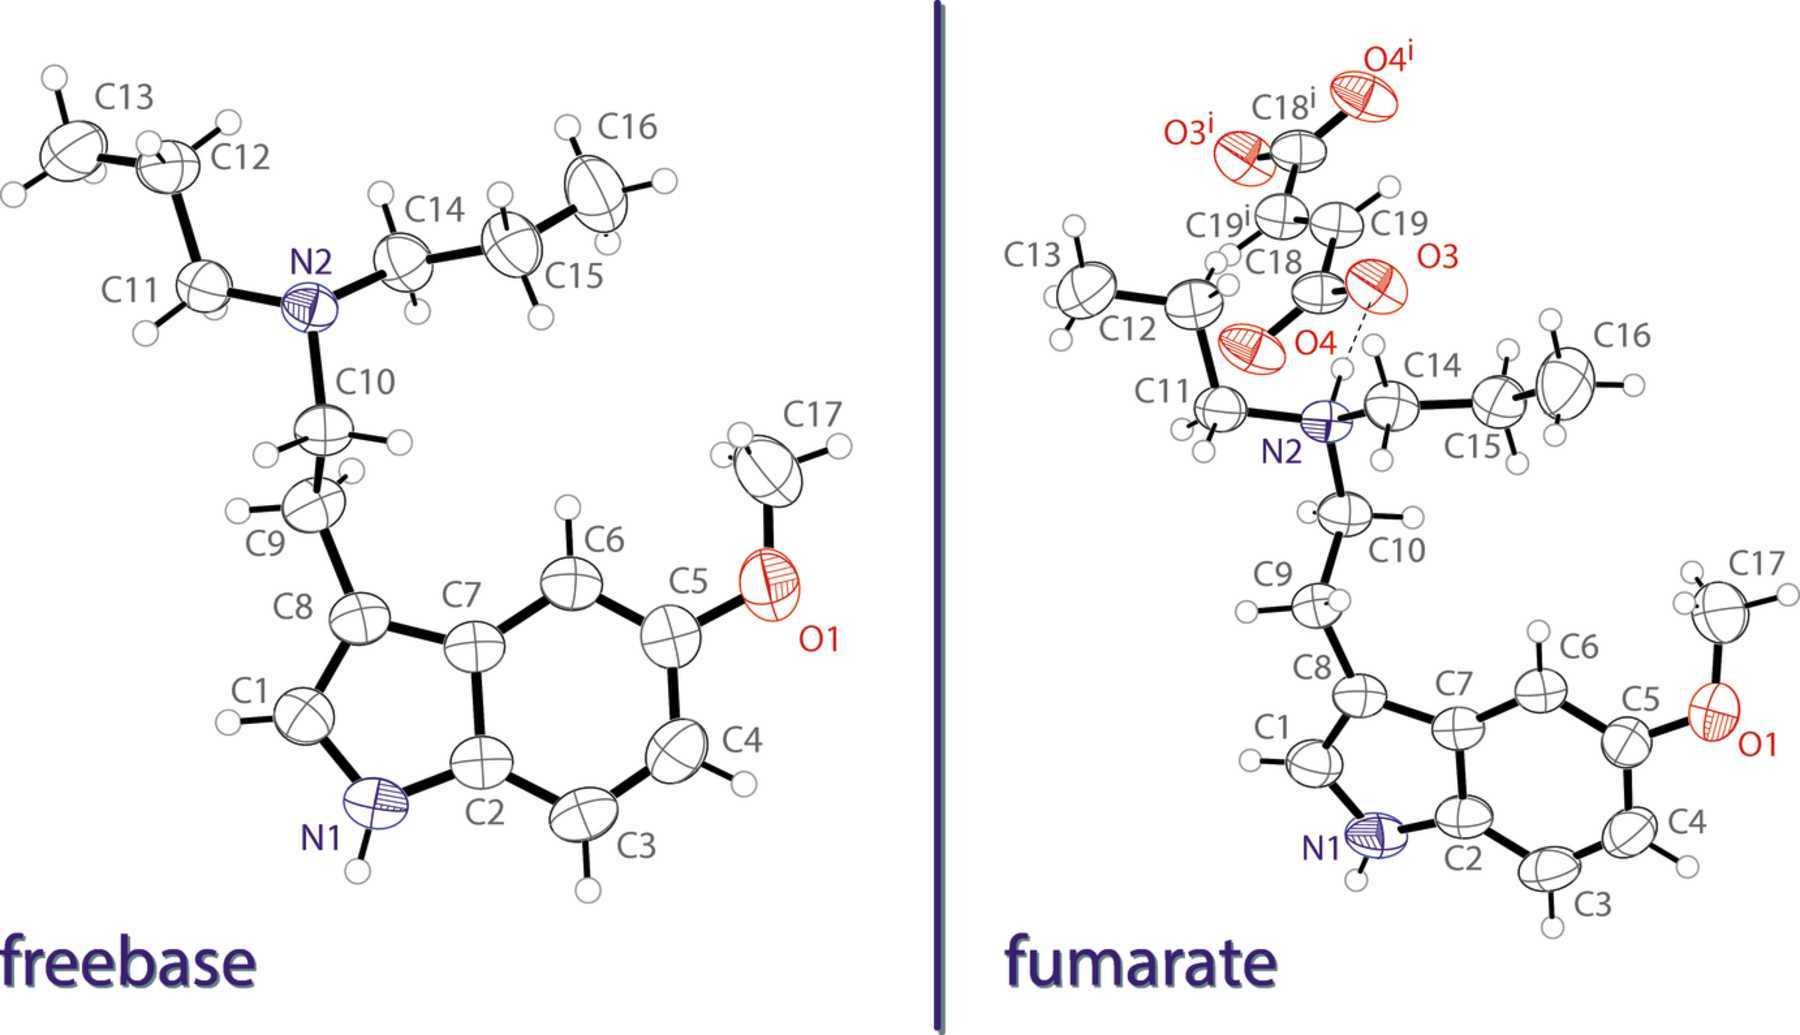 5-MeO-DPT Freebase and Fumarate